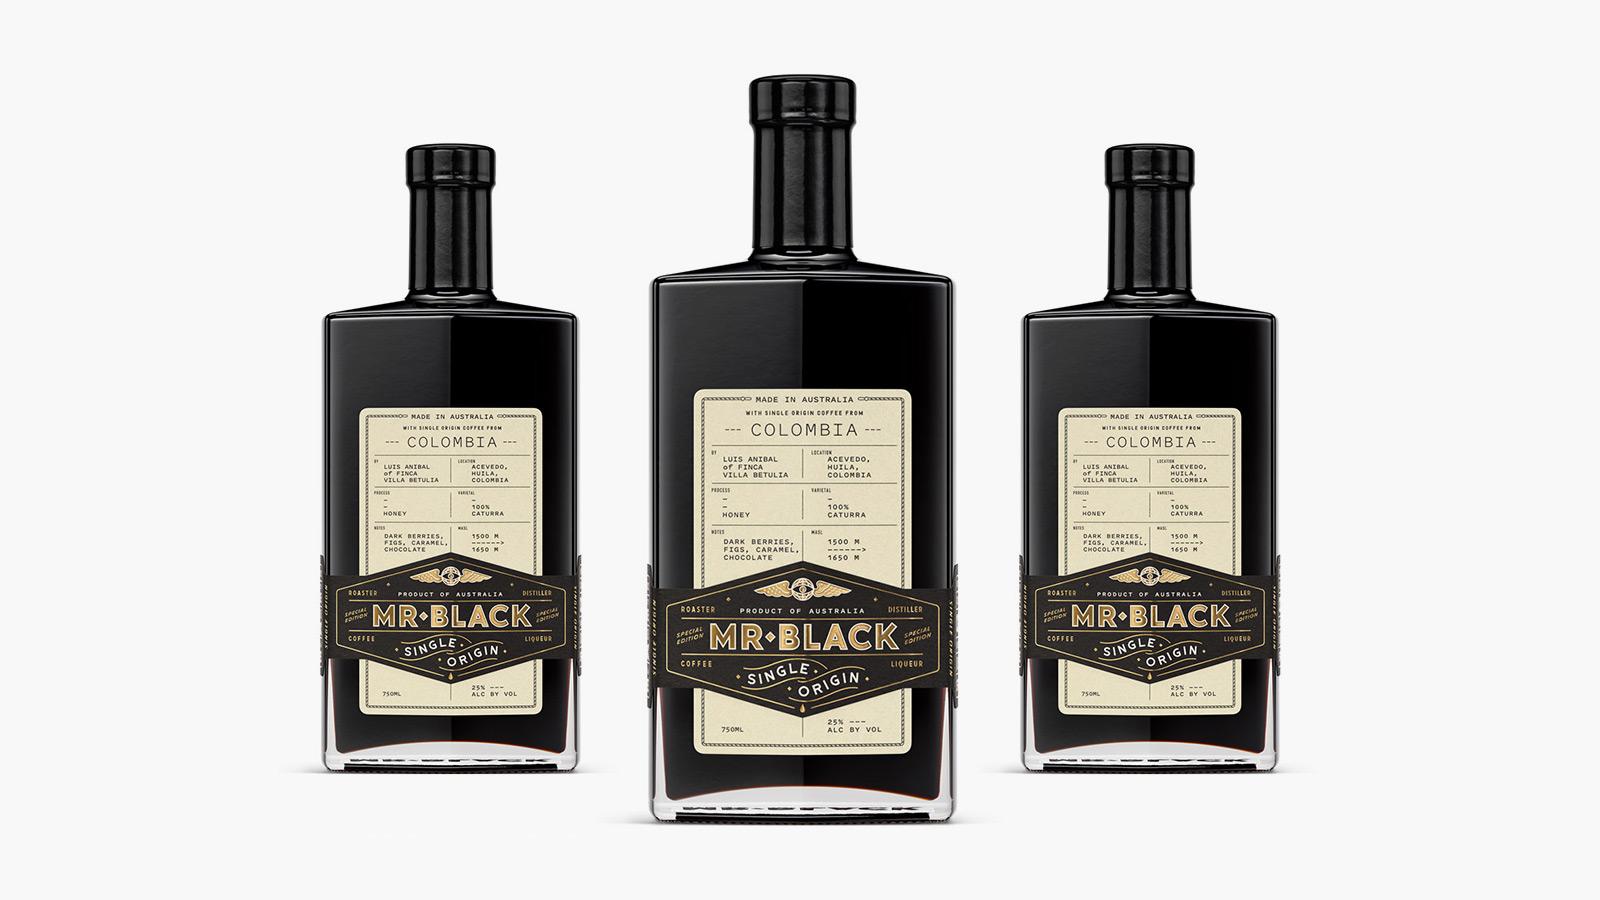 Mr. Black Single Origin Cold Brew Coffee Liqueur